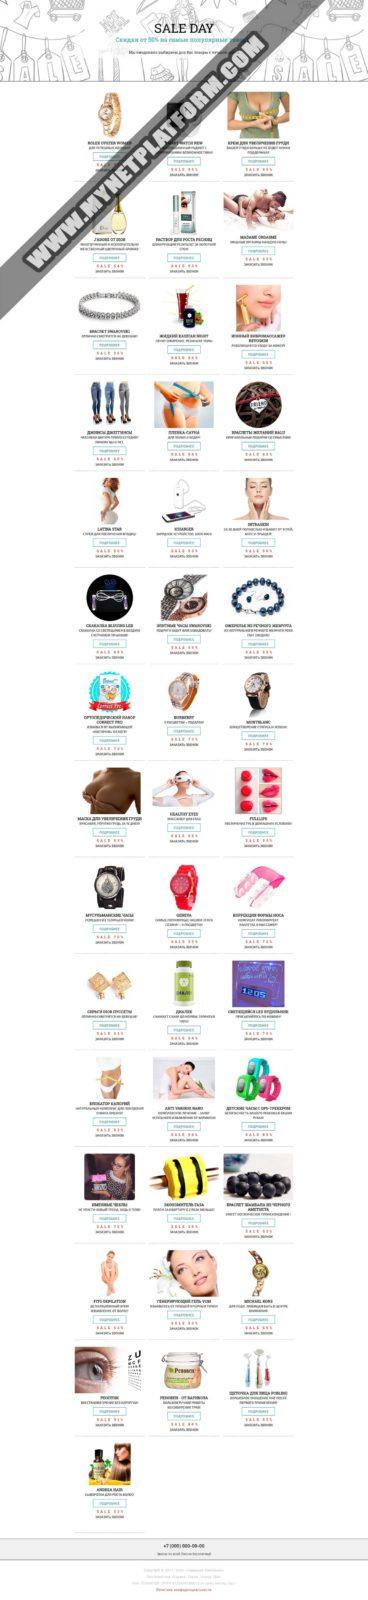 Скриншот Готовой Лендинг-витрины для товаров 003 «Женские товары»